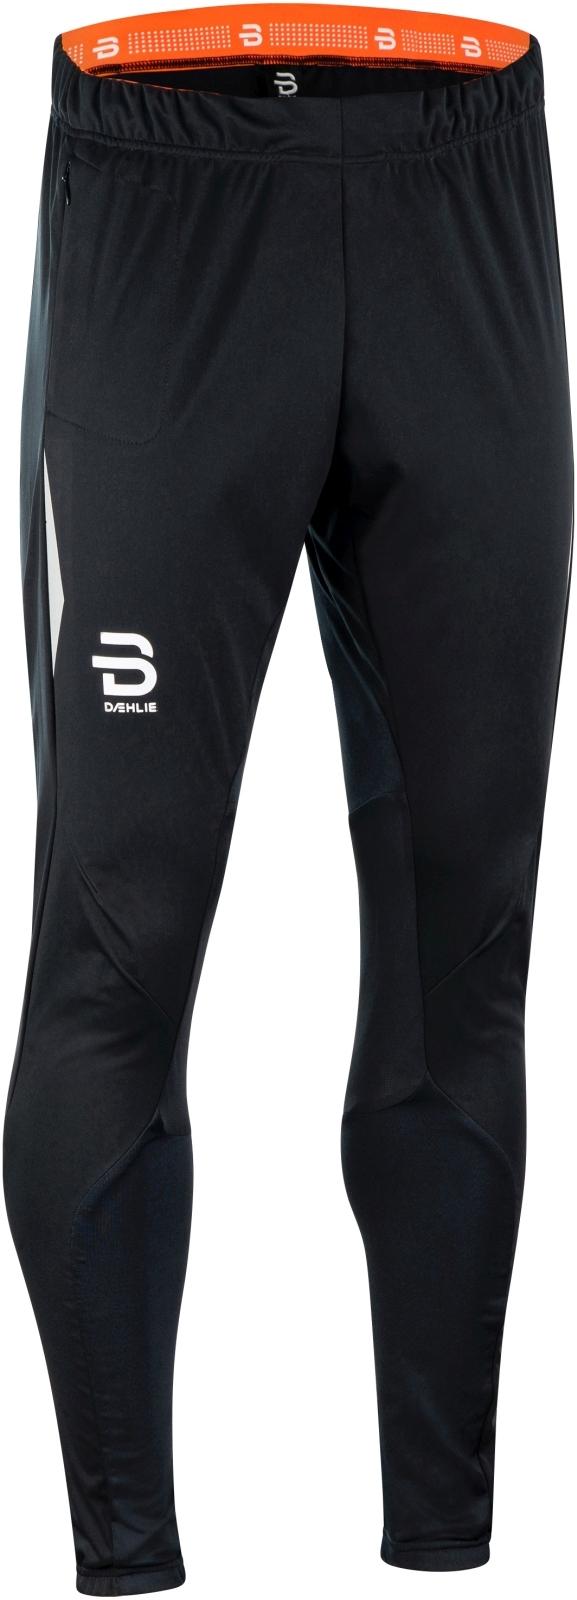 Bjorn Daehlie Pants Pro - 99900 XL